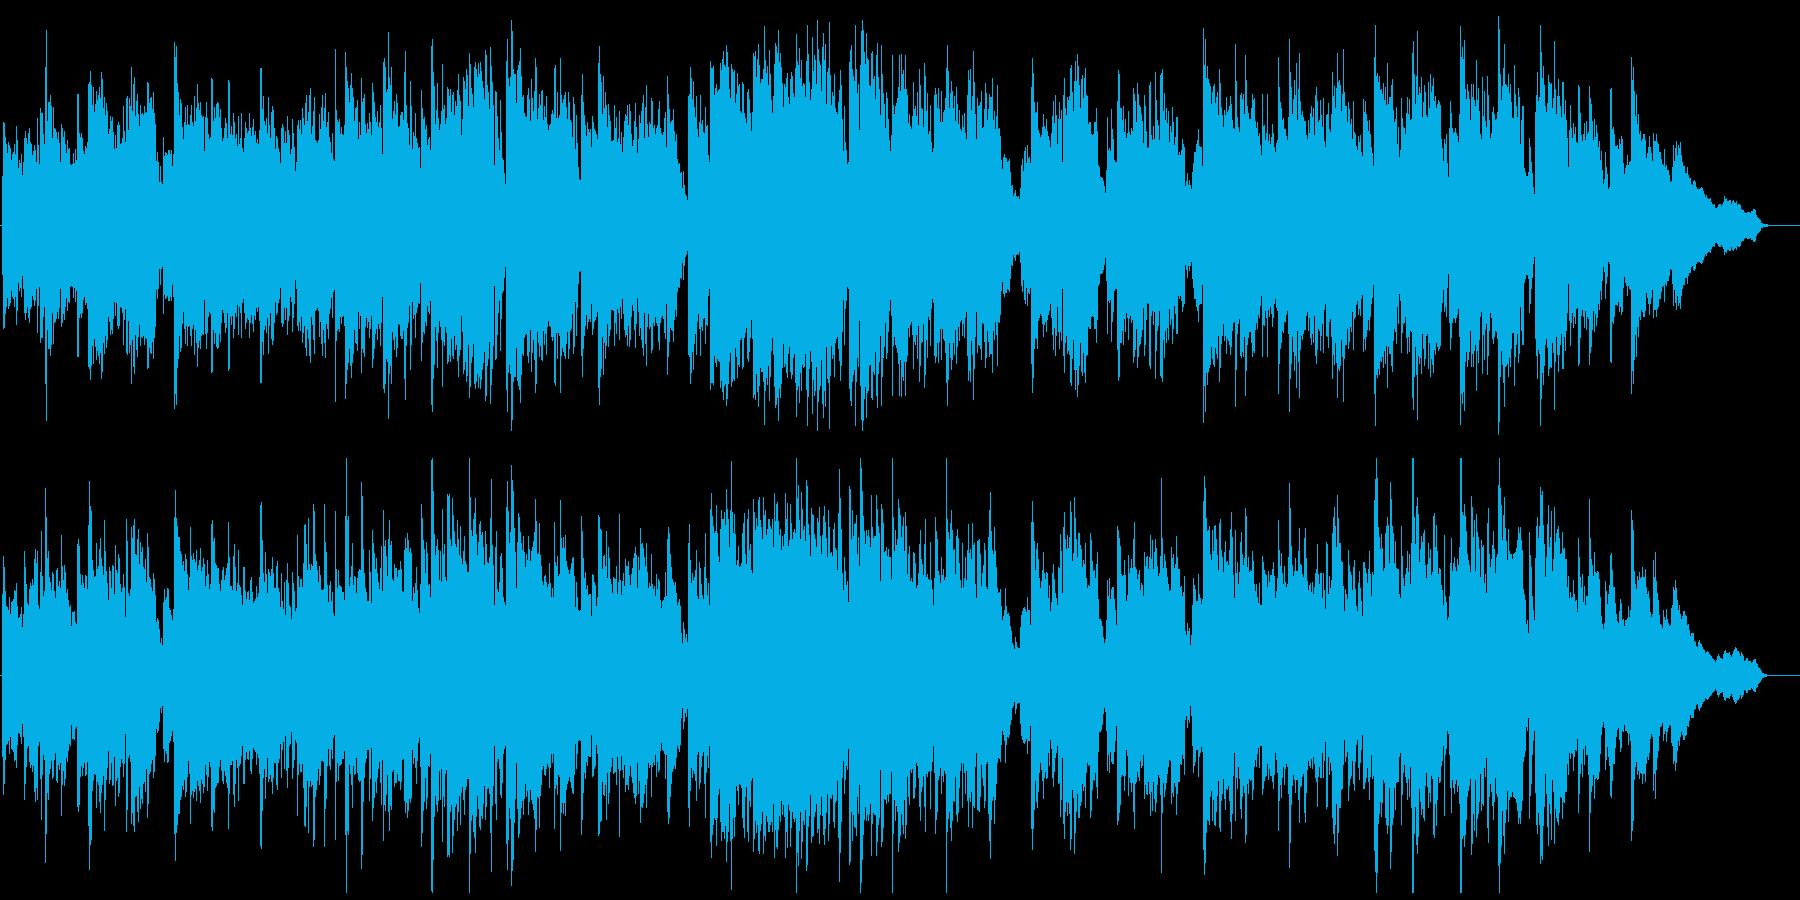 短調の和風曲、壮大、ゆっくり、篠笛生演奏の再生済みの波形